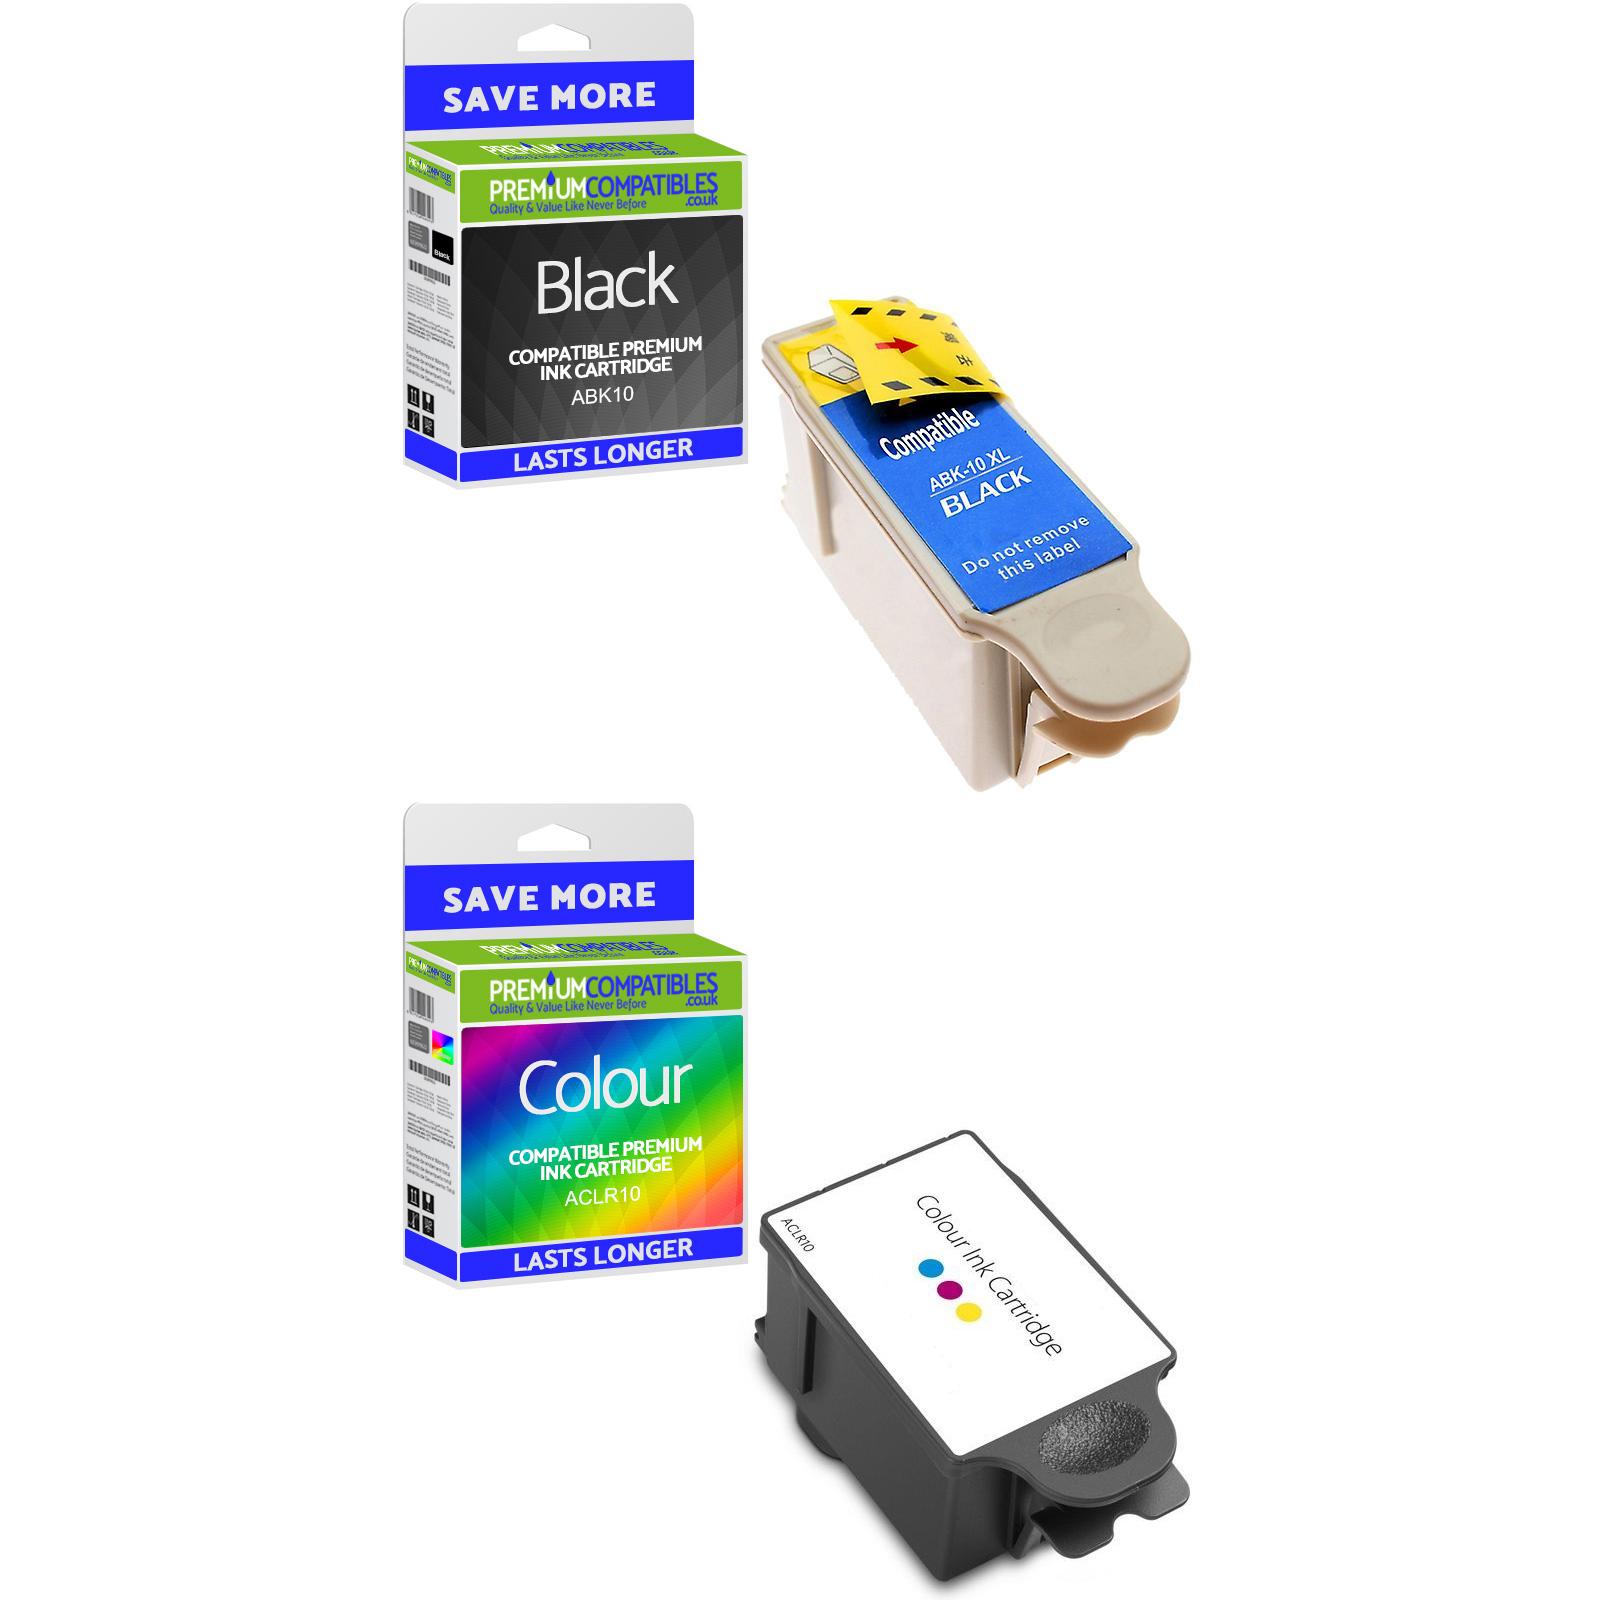 Premium Compatible Advent ABK10 / ACLR10 Black & Colour Combo Pack Ink Cartridges (851943 & 900248)